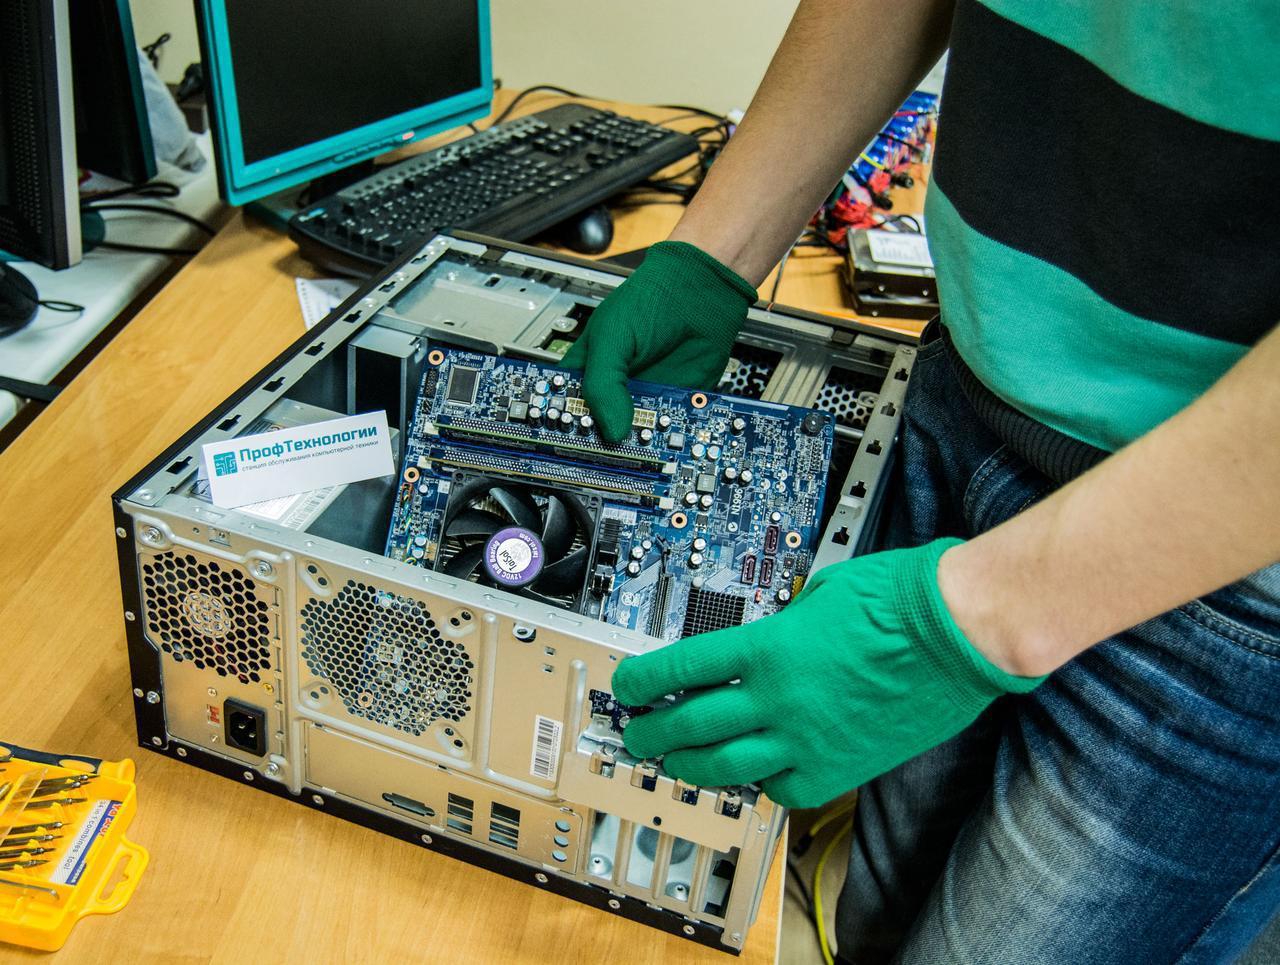 Ремонт компьютеров чистка компьютеров